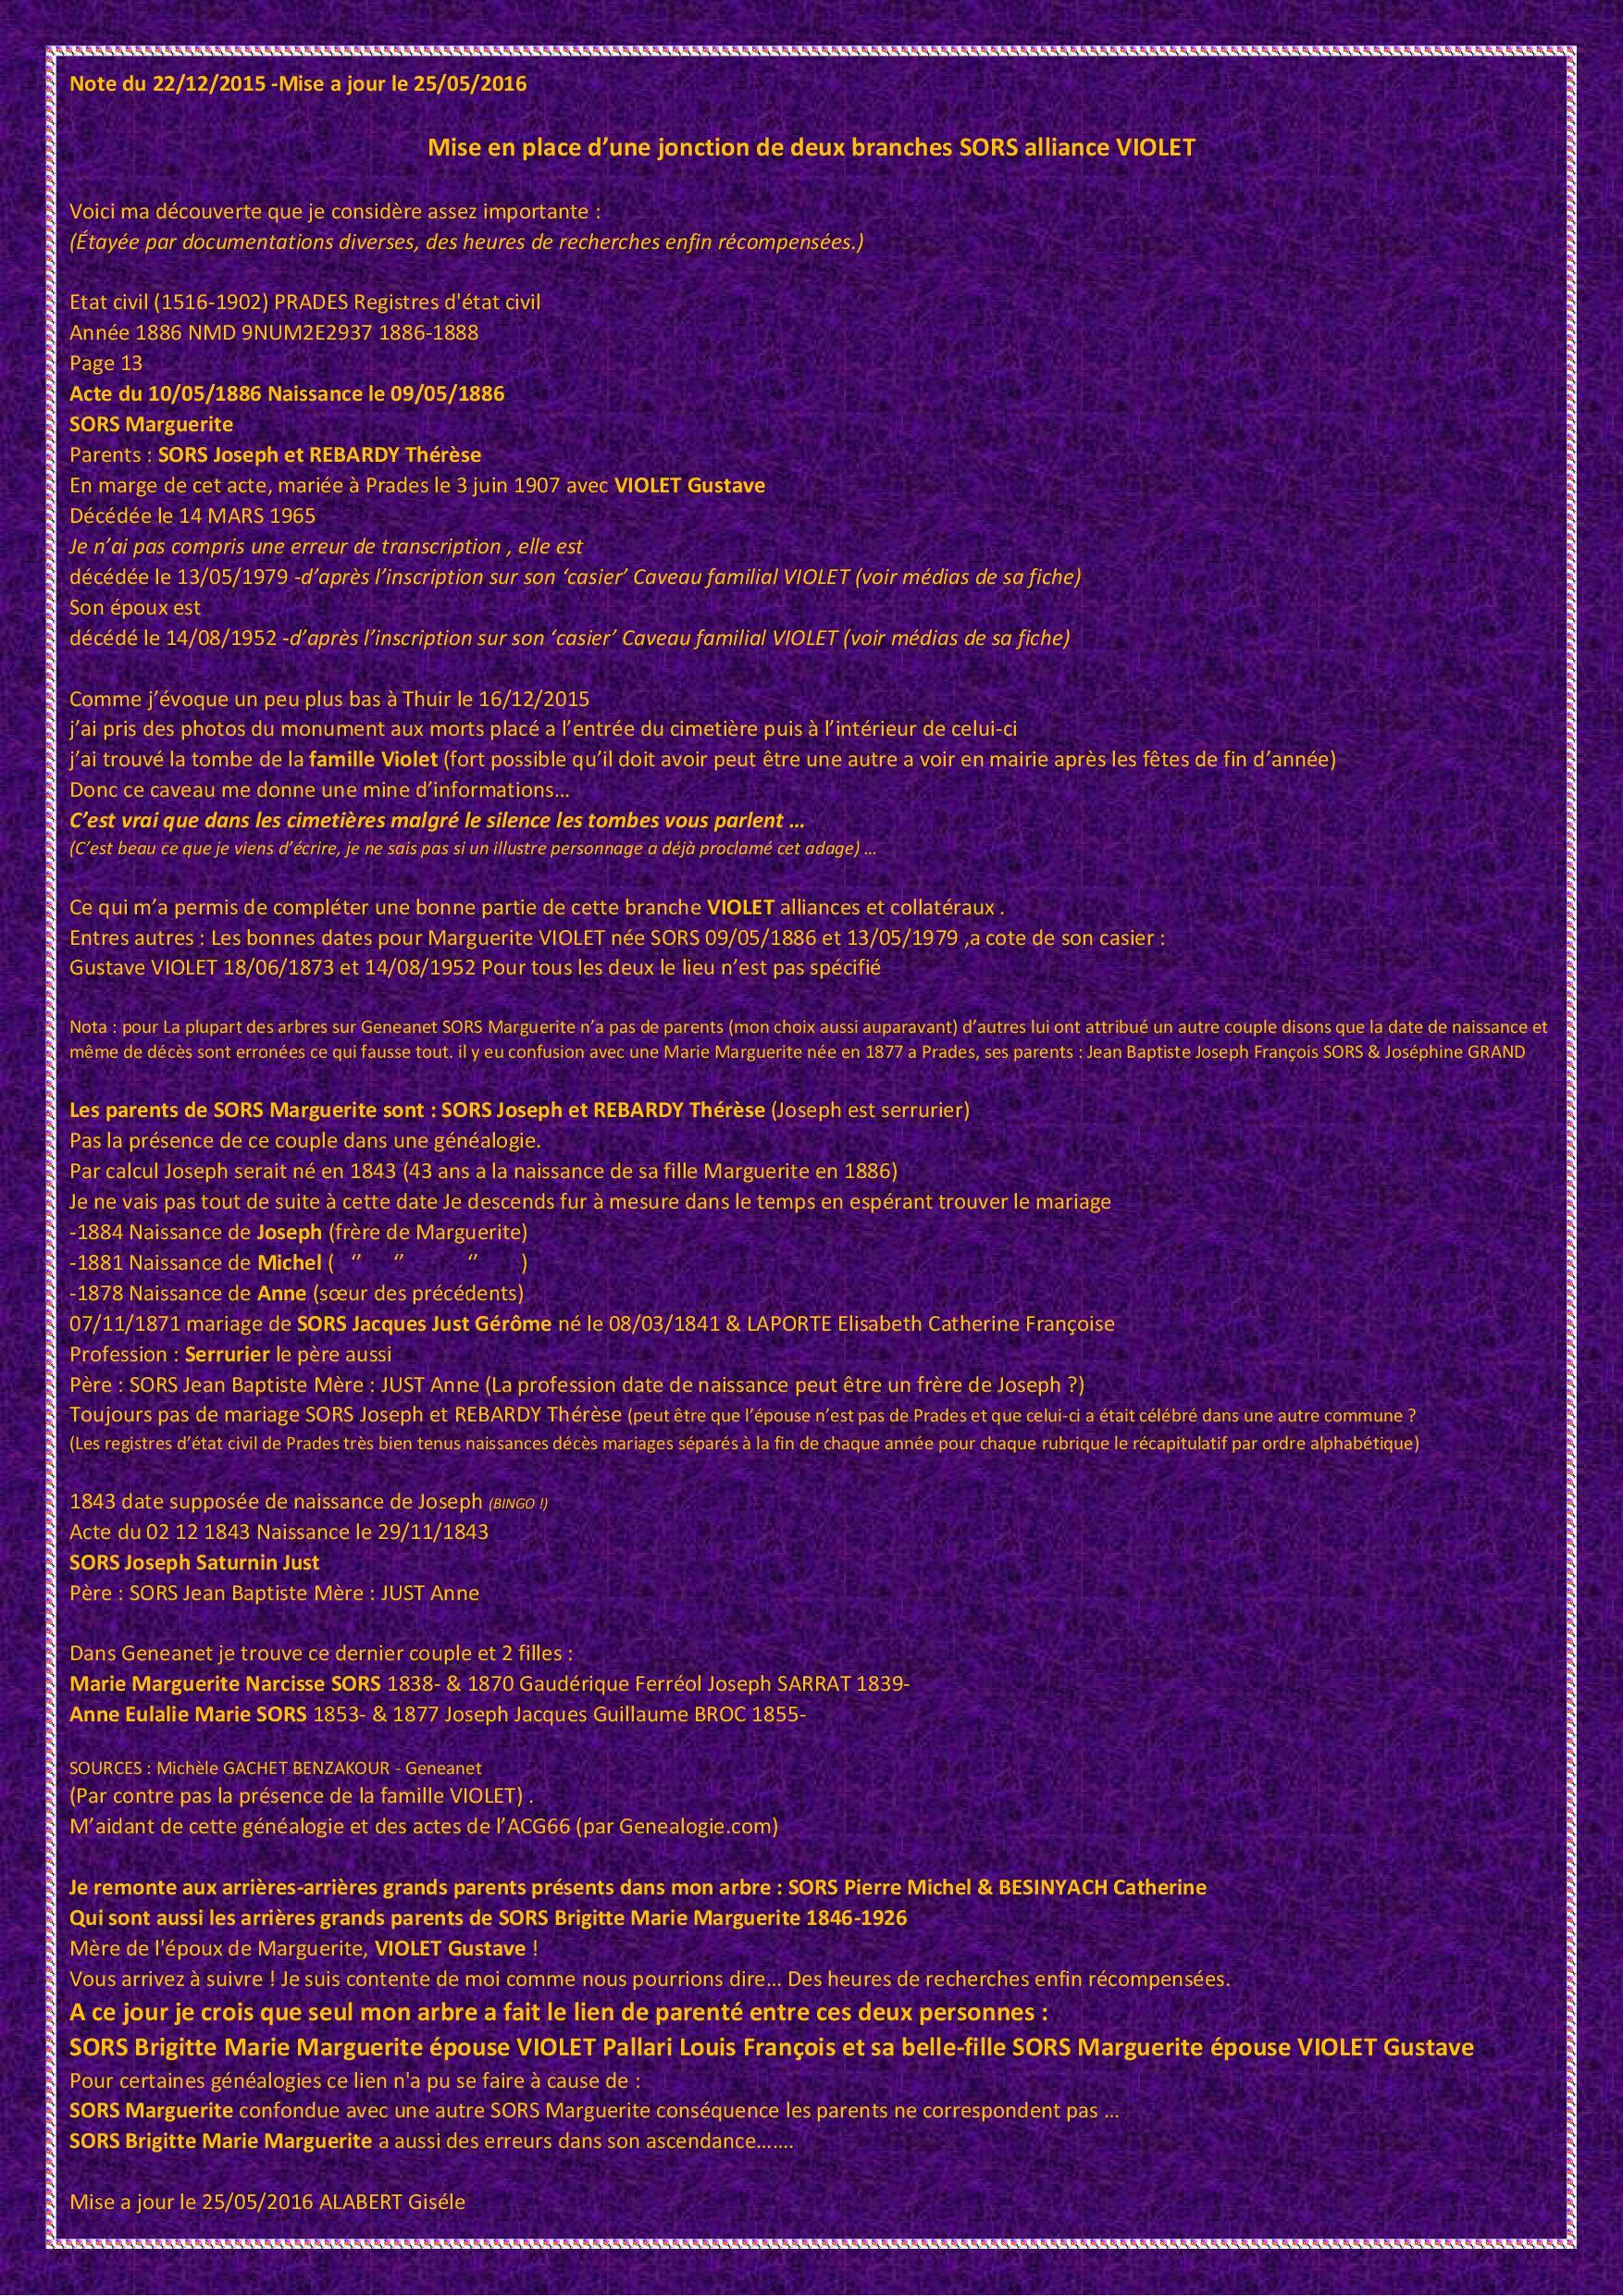 Mise_en_place_d_une_jonction_de_deux_branches_SORS_alliance_VIOLET_.jpg